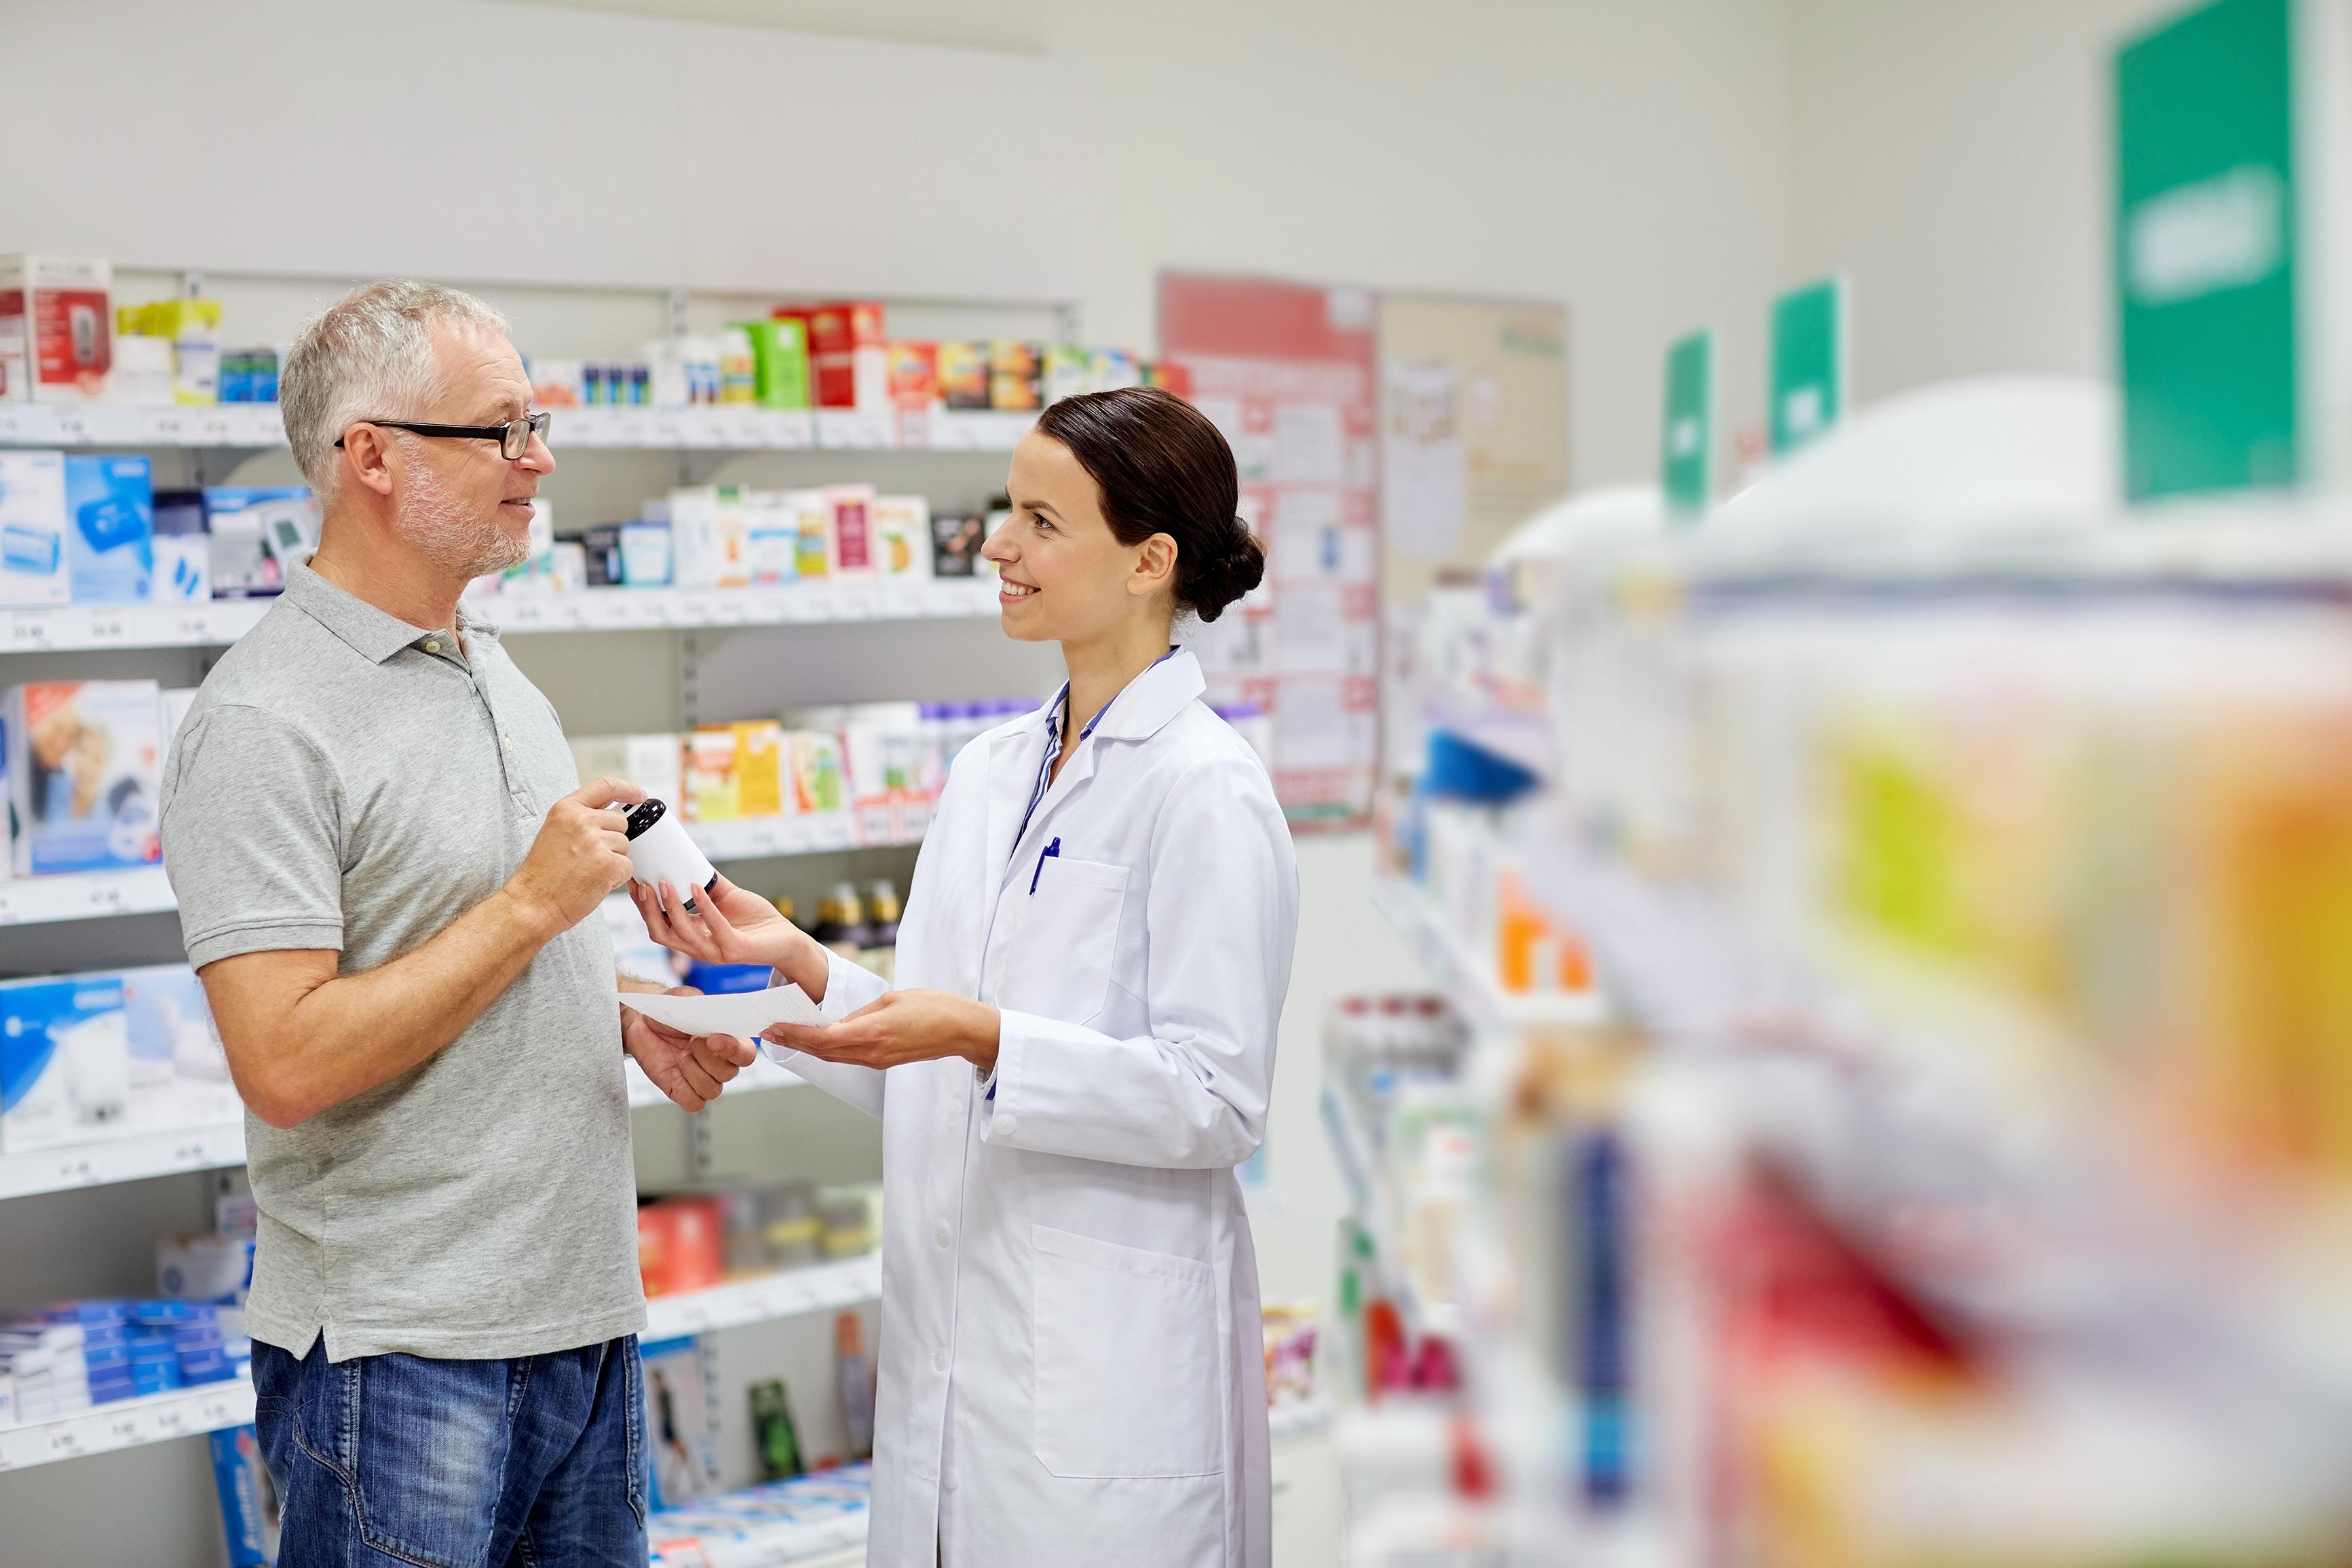 Аптечные наркотики - тропикамид, лирика, терпинкод. описания препаратов, действие на организм